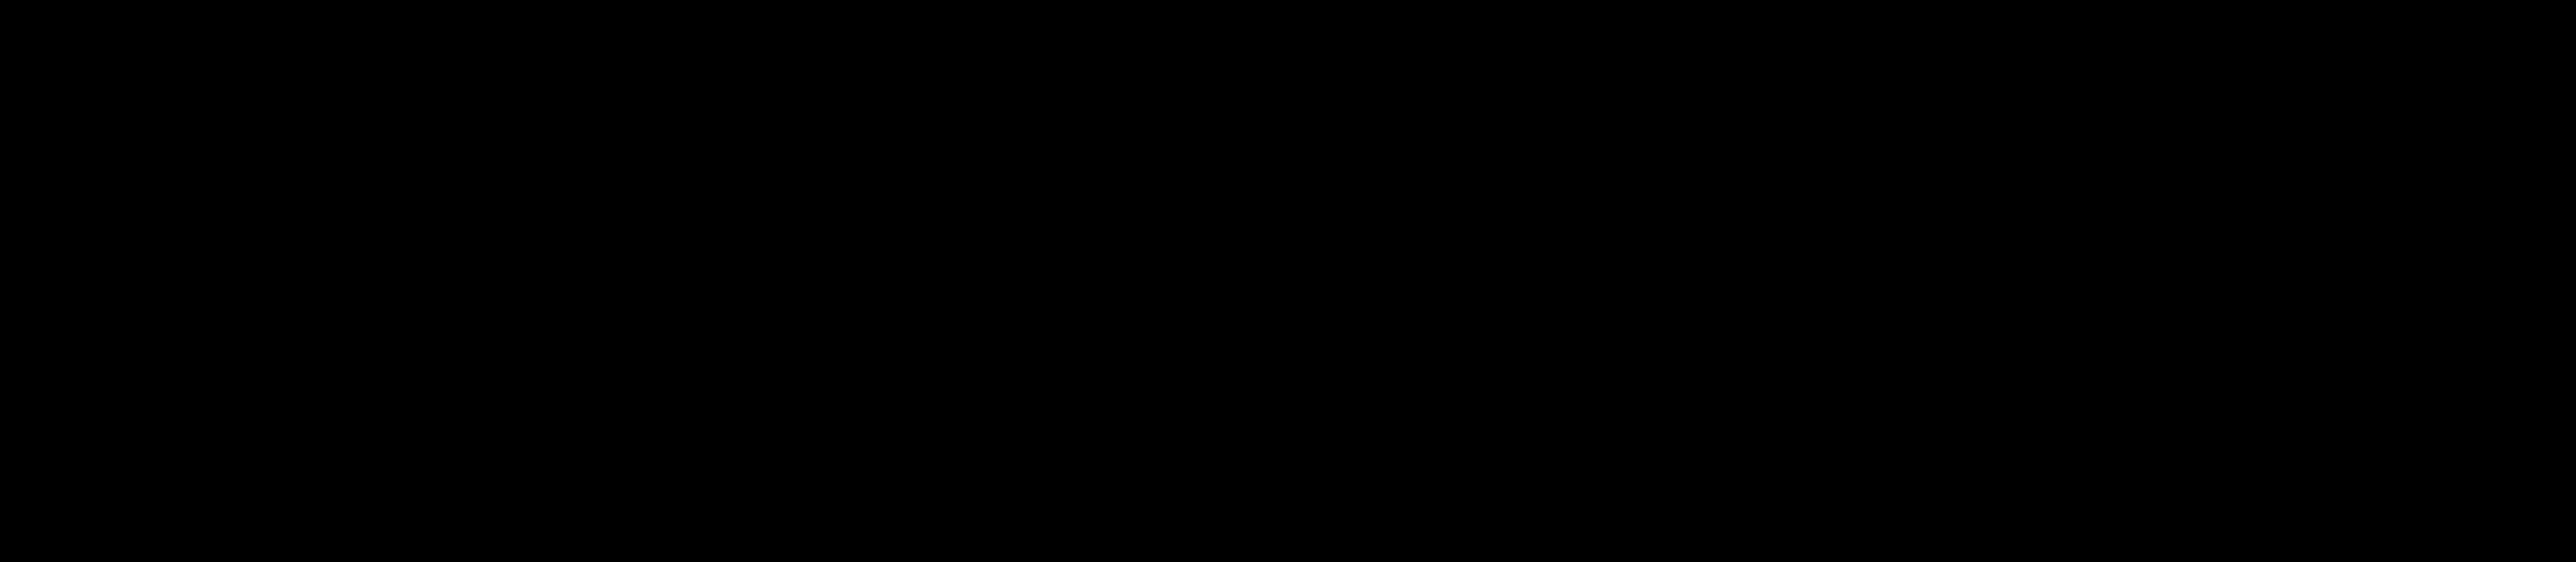 La repubblica logos download for Home page repubblica